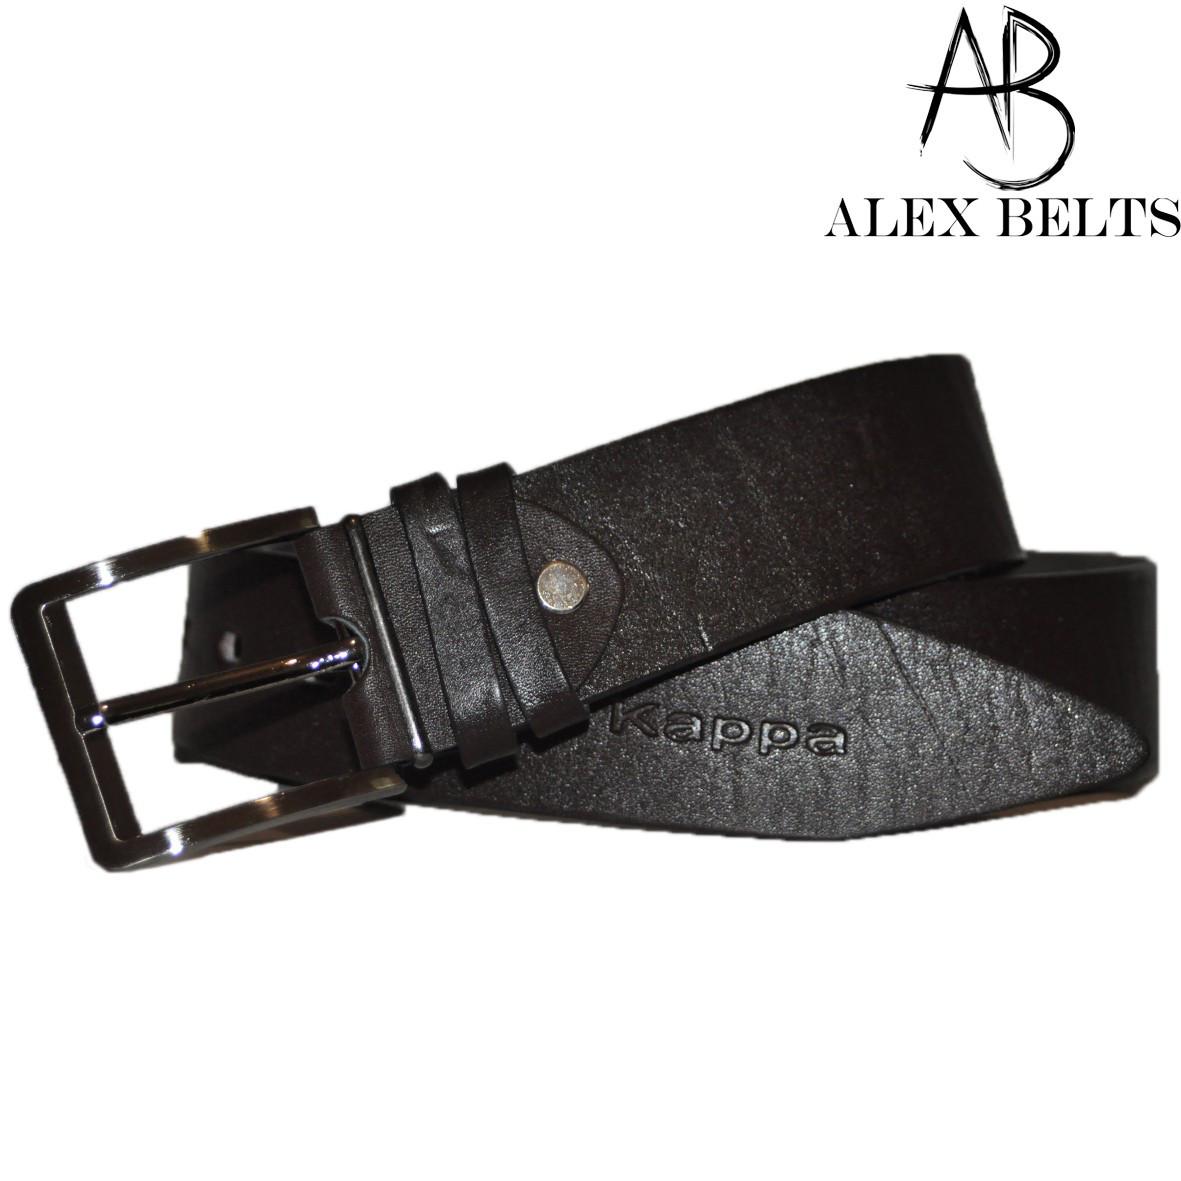 Ремень мужской джинсовый (шоколад) кожа 45 мм - купить оптом в Одессе